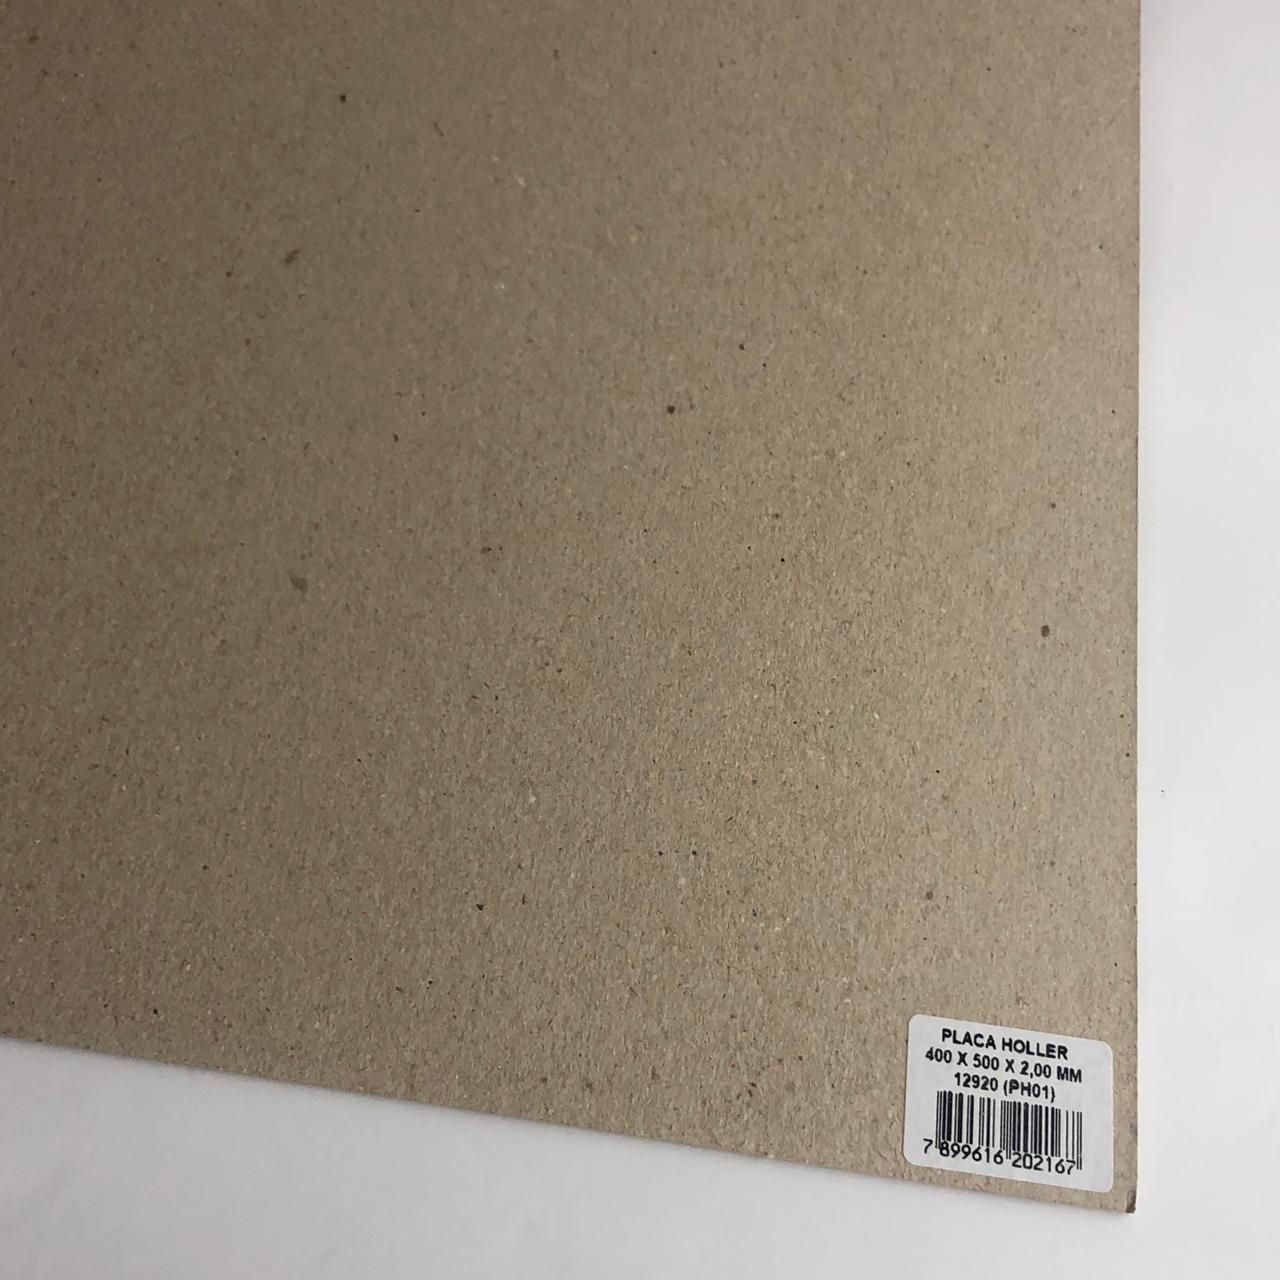 Placa Holler/Chipboard 2 mm - 40 x 50 cm